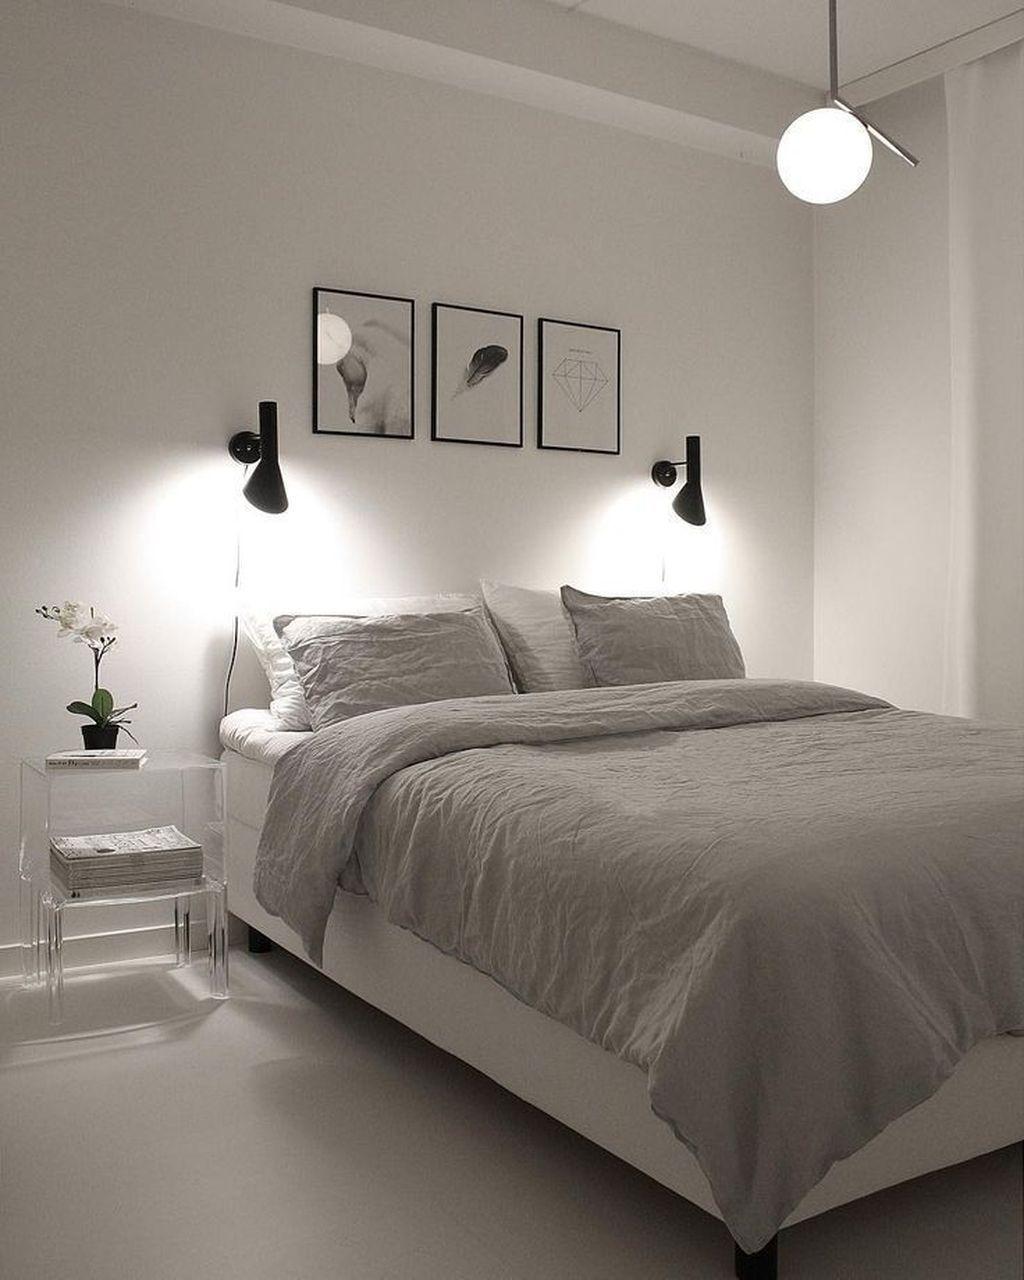 19+ Best Minimalist Bedroom Decoration Ideas That Looks Cool